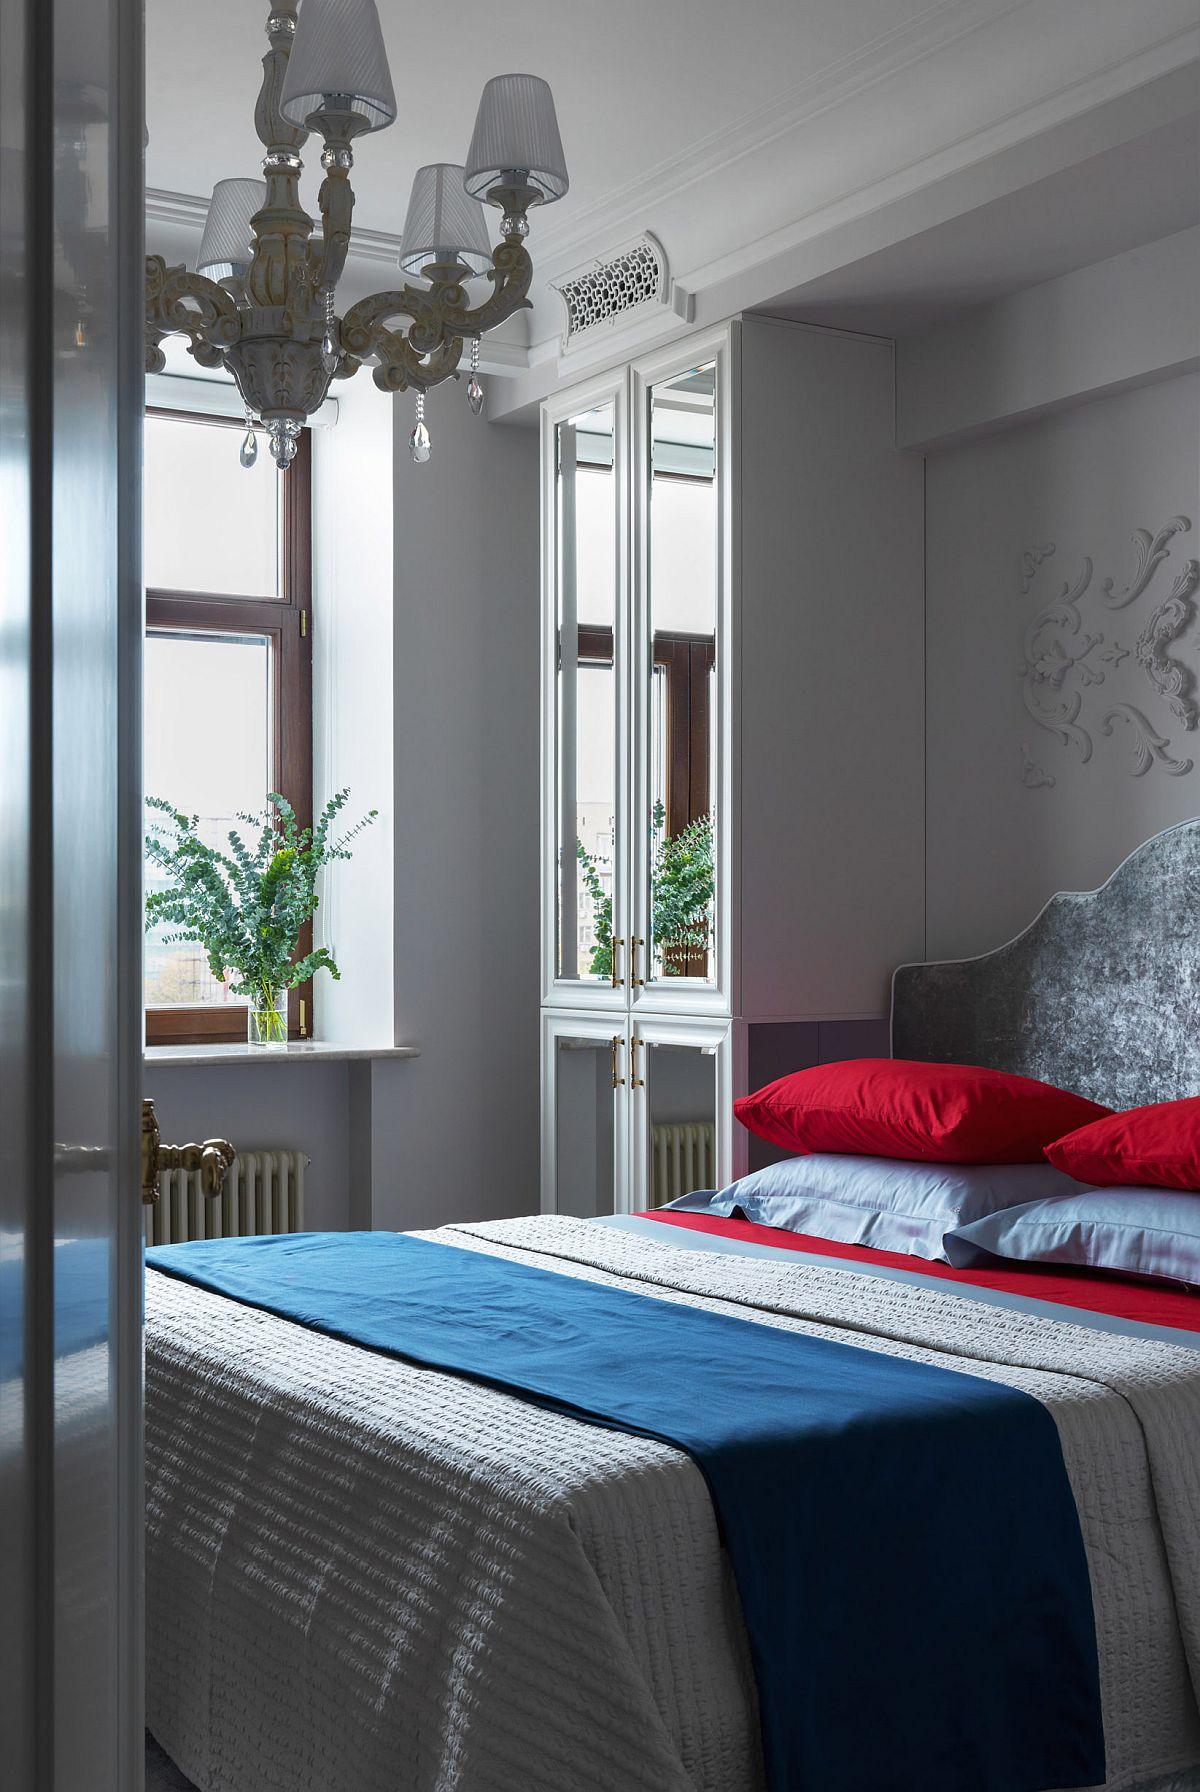 Dormitorul matrimonial este o cameră ocupată în mare parte de mobilă, ca atare singura soluție pentru dulapuri a fost ca acestea să fie configurate de o parte și de alta a patului. Fețele cu oglinzi reflectă lumina naturală și dau impresia de spațiu mai mare, dar ambientul este bogat ornamentat cu detalii, însă mai cuminte la nivelul decorațiunilor textile ce îmbracă patul.